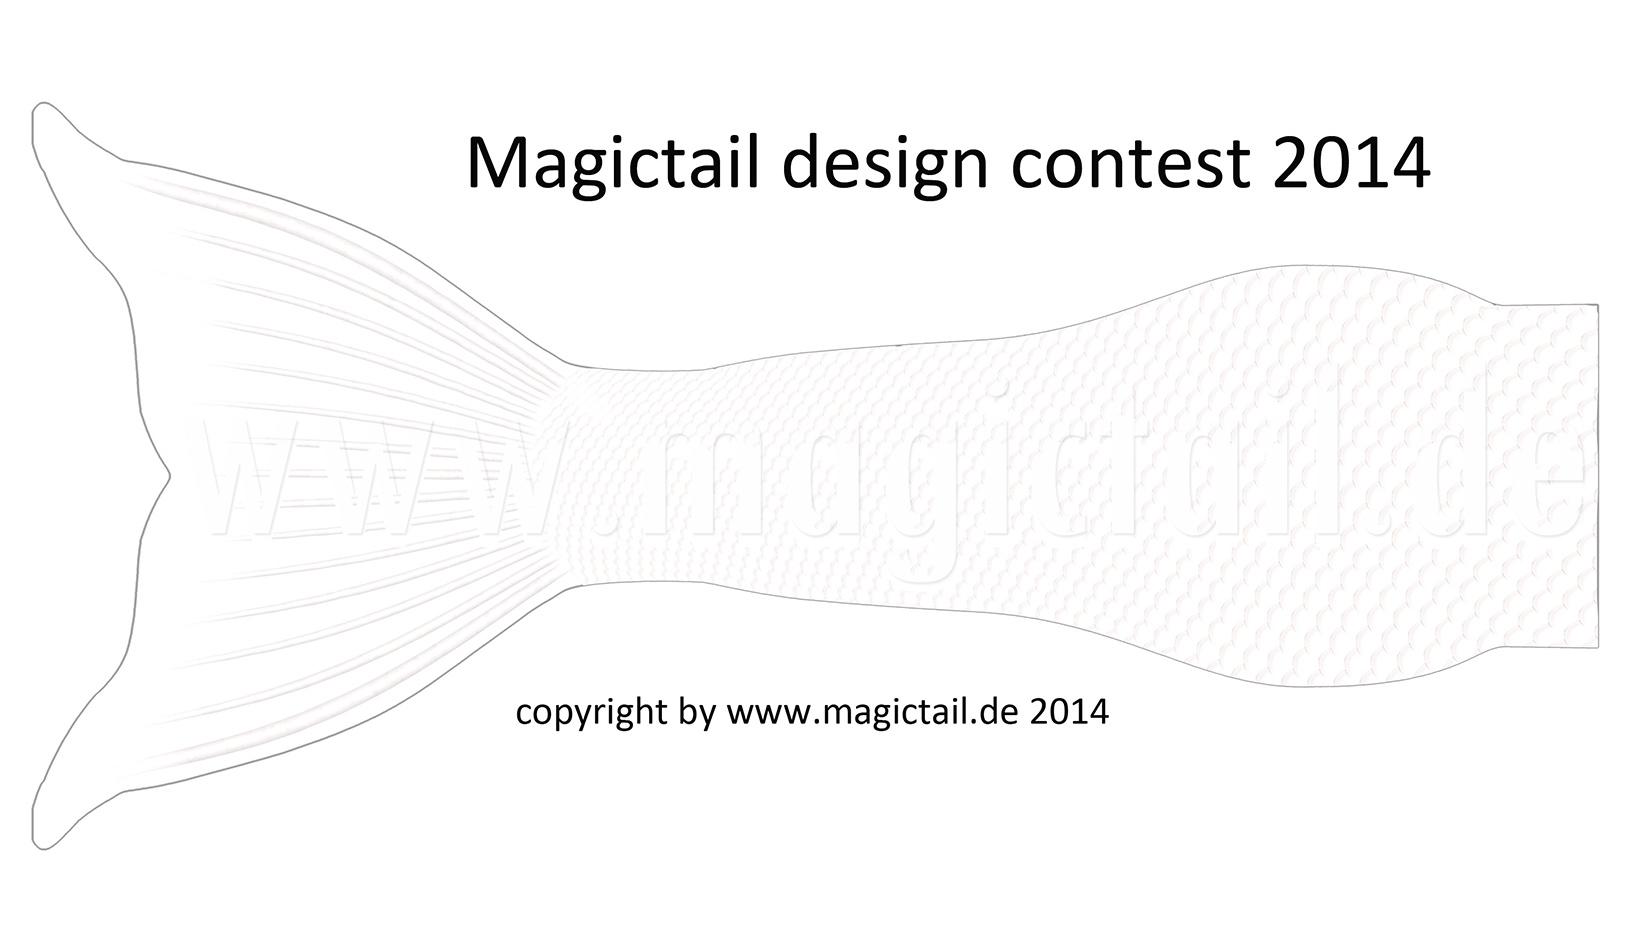 magictail design contest 2014